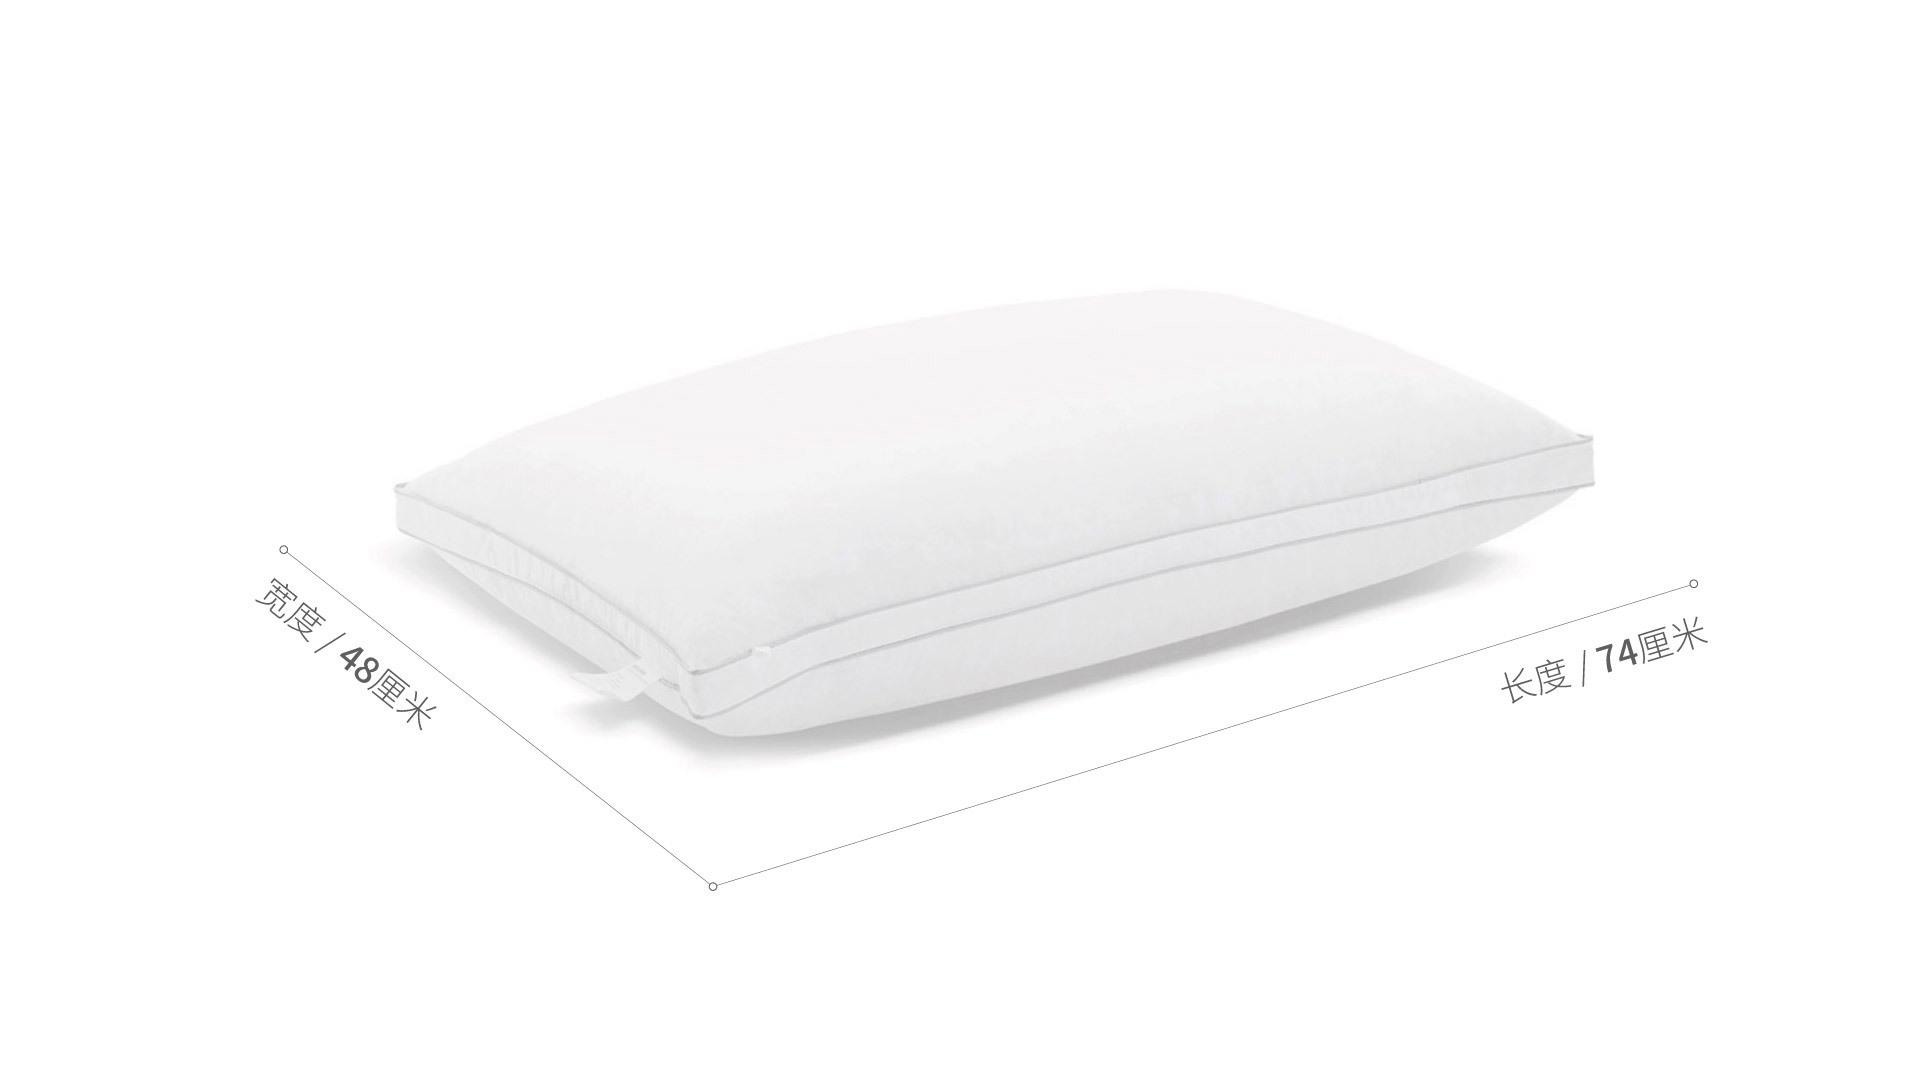 造作有眠白鸭绒轻羽枕芯®硬枕床·床具效果图